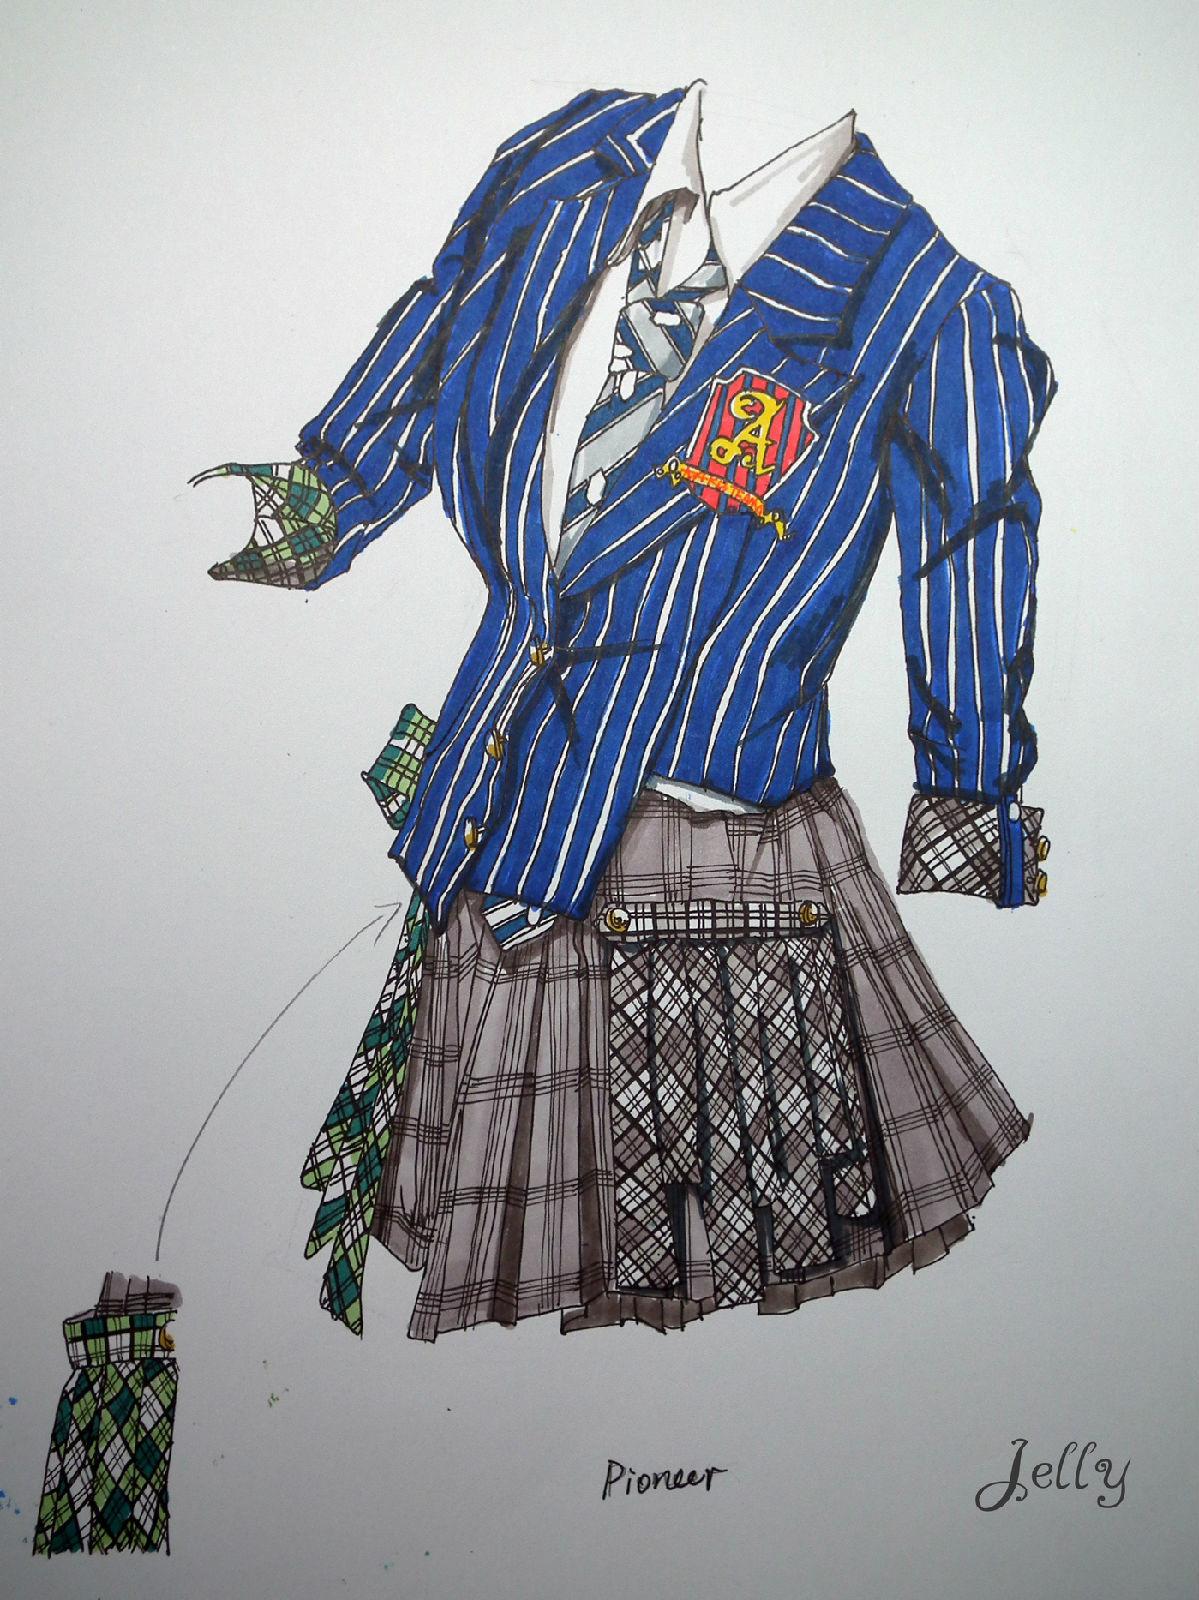 超强服装设计手绘图 akb48可爱的百变演出服